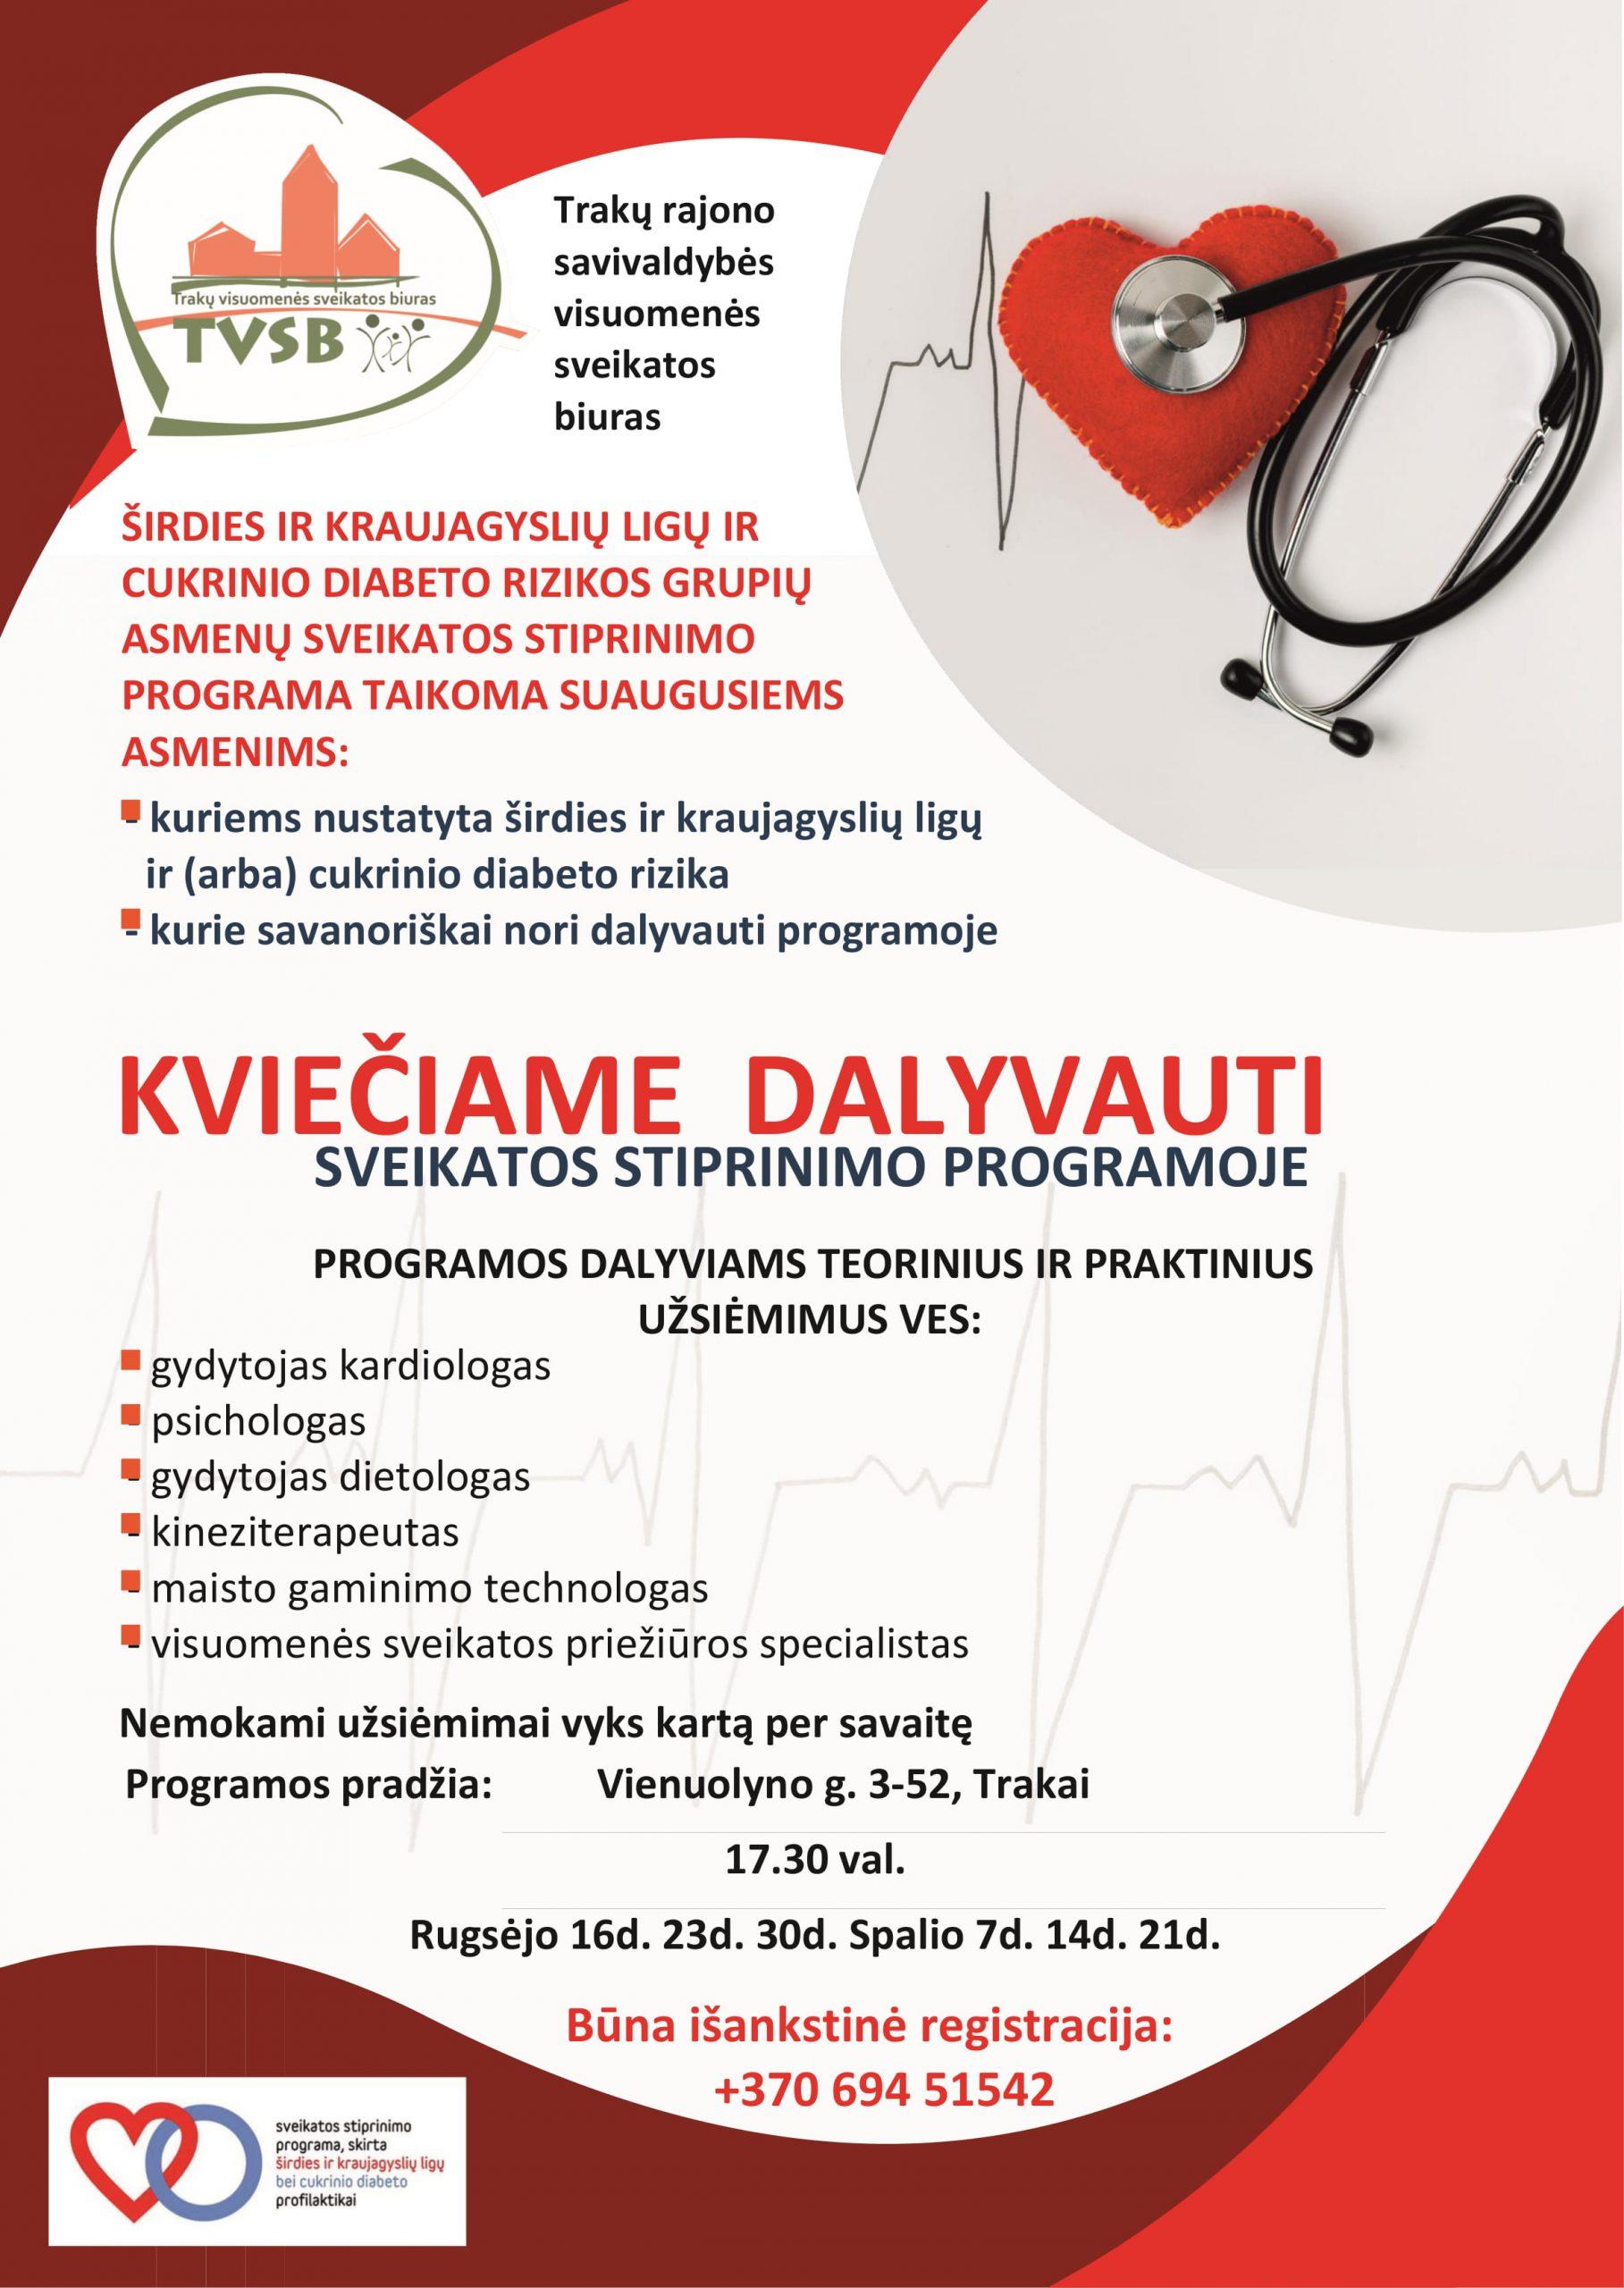 Vilniaus teritorinė ligonių kasa - Dietologo paslaugos bus apmokamos PSDF lėšomis